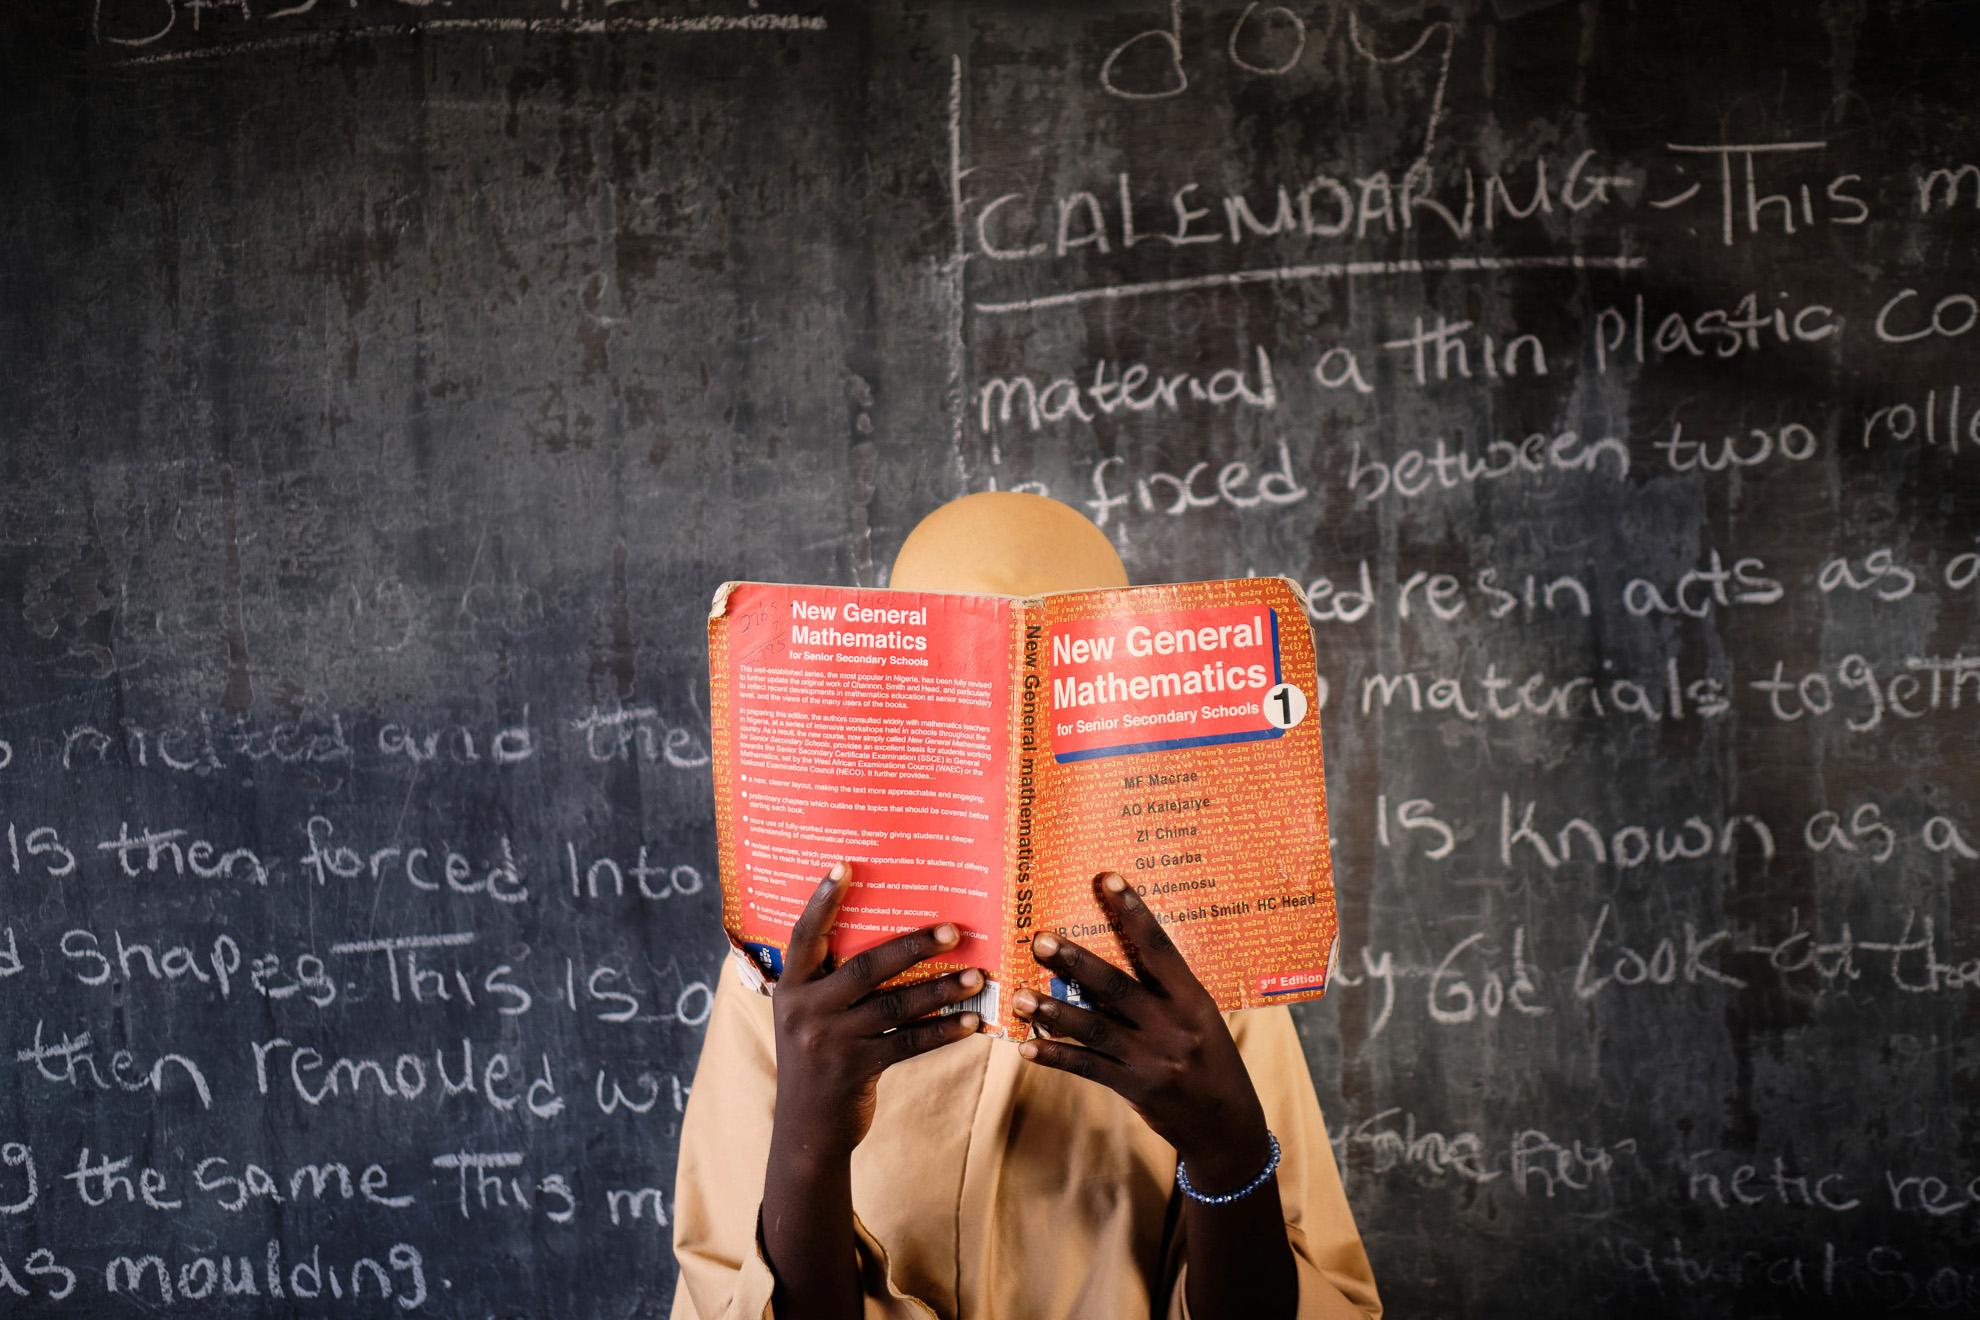 Amina (nombre ficticio) tiene 16 años, sus padres fueron asesinados en una redada en su casa en el noreste de Nigeria. Fue secuestrada por Boko Haram y luego obligada a casarse con un comandante terrorista. Pasó el tiempo recordando el formulario de matemáticas que había estudiado en la escuela. En libertad, su tío la matriculó en una escuela en la localidad de Biu. Ella quiere ser maestra.